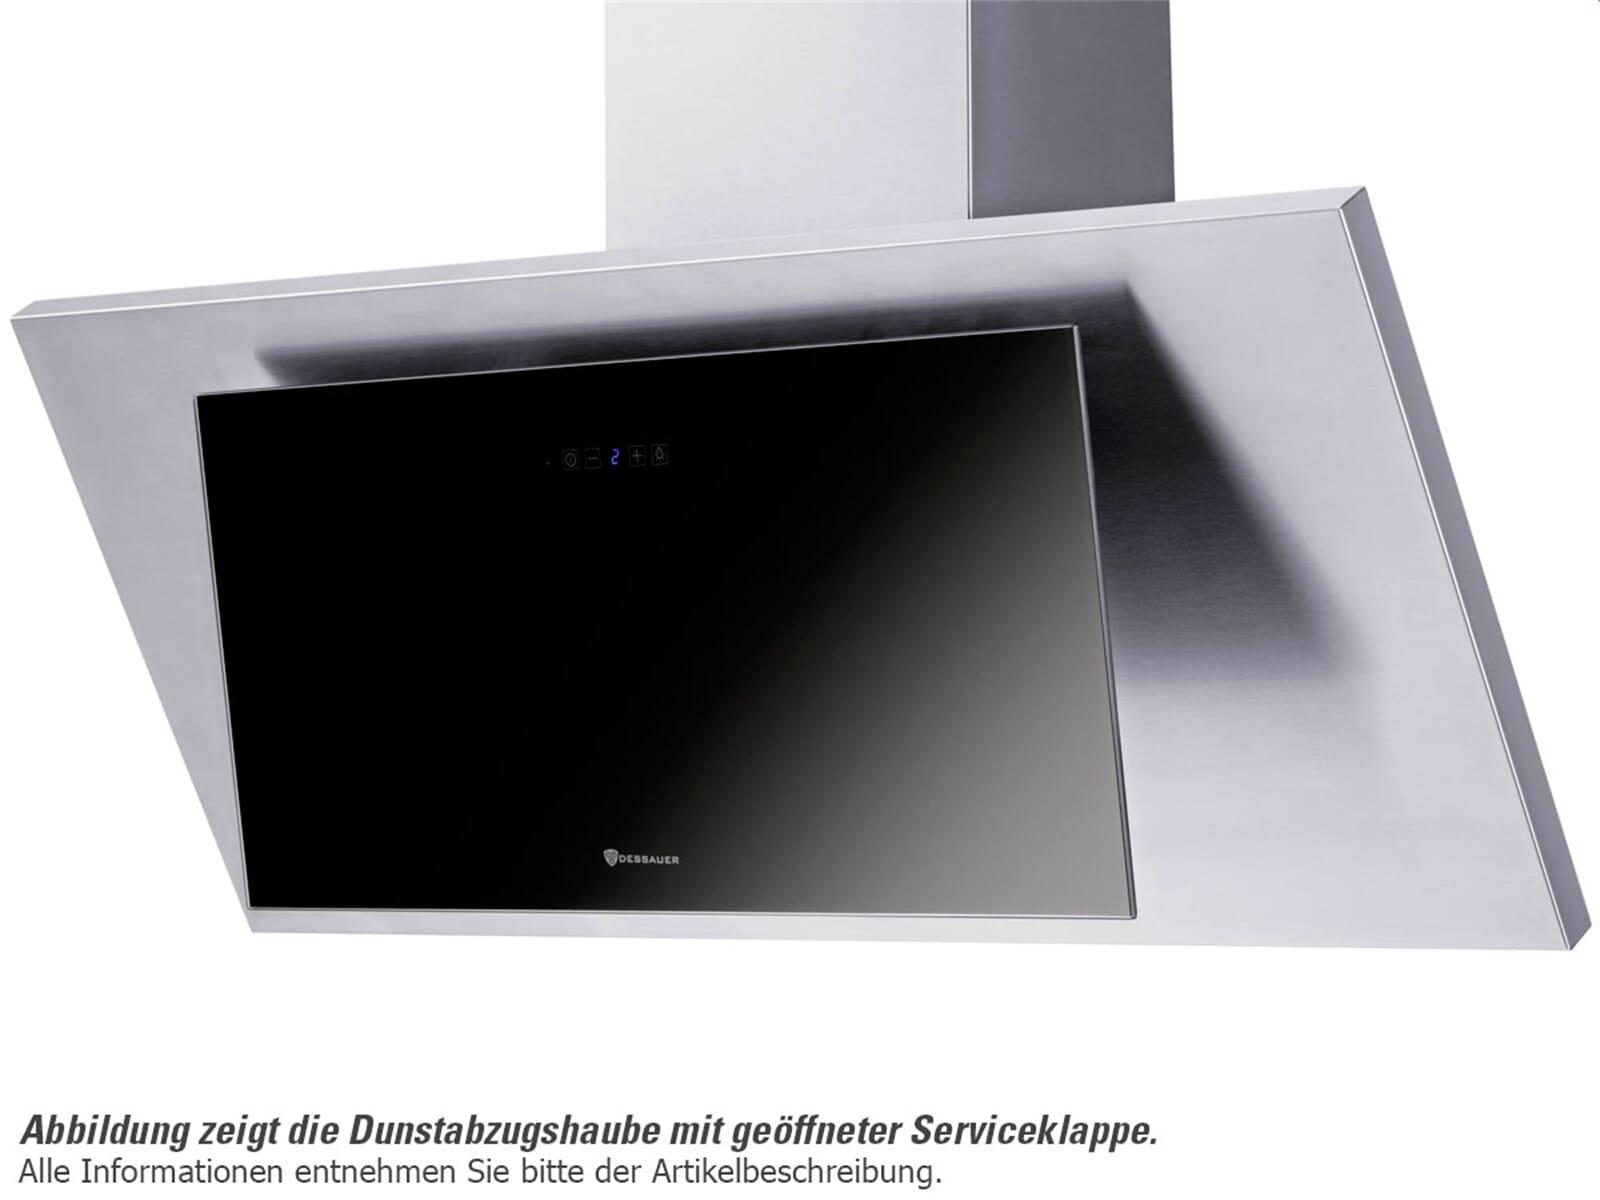 Dessauer Boria 60 E - 9954 63 Kopffreihaube 60 cm Edelstahl/Schwarz